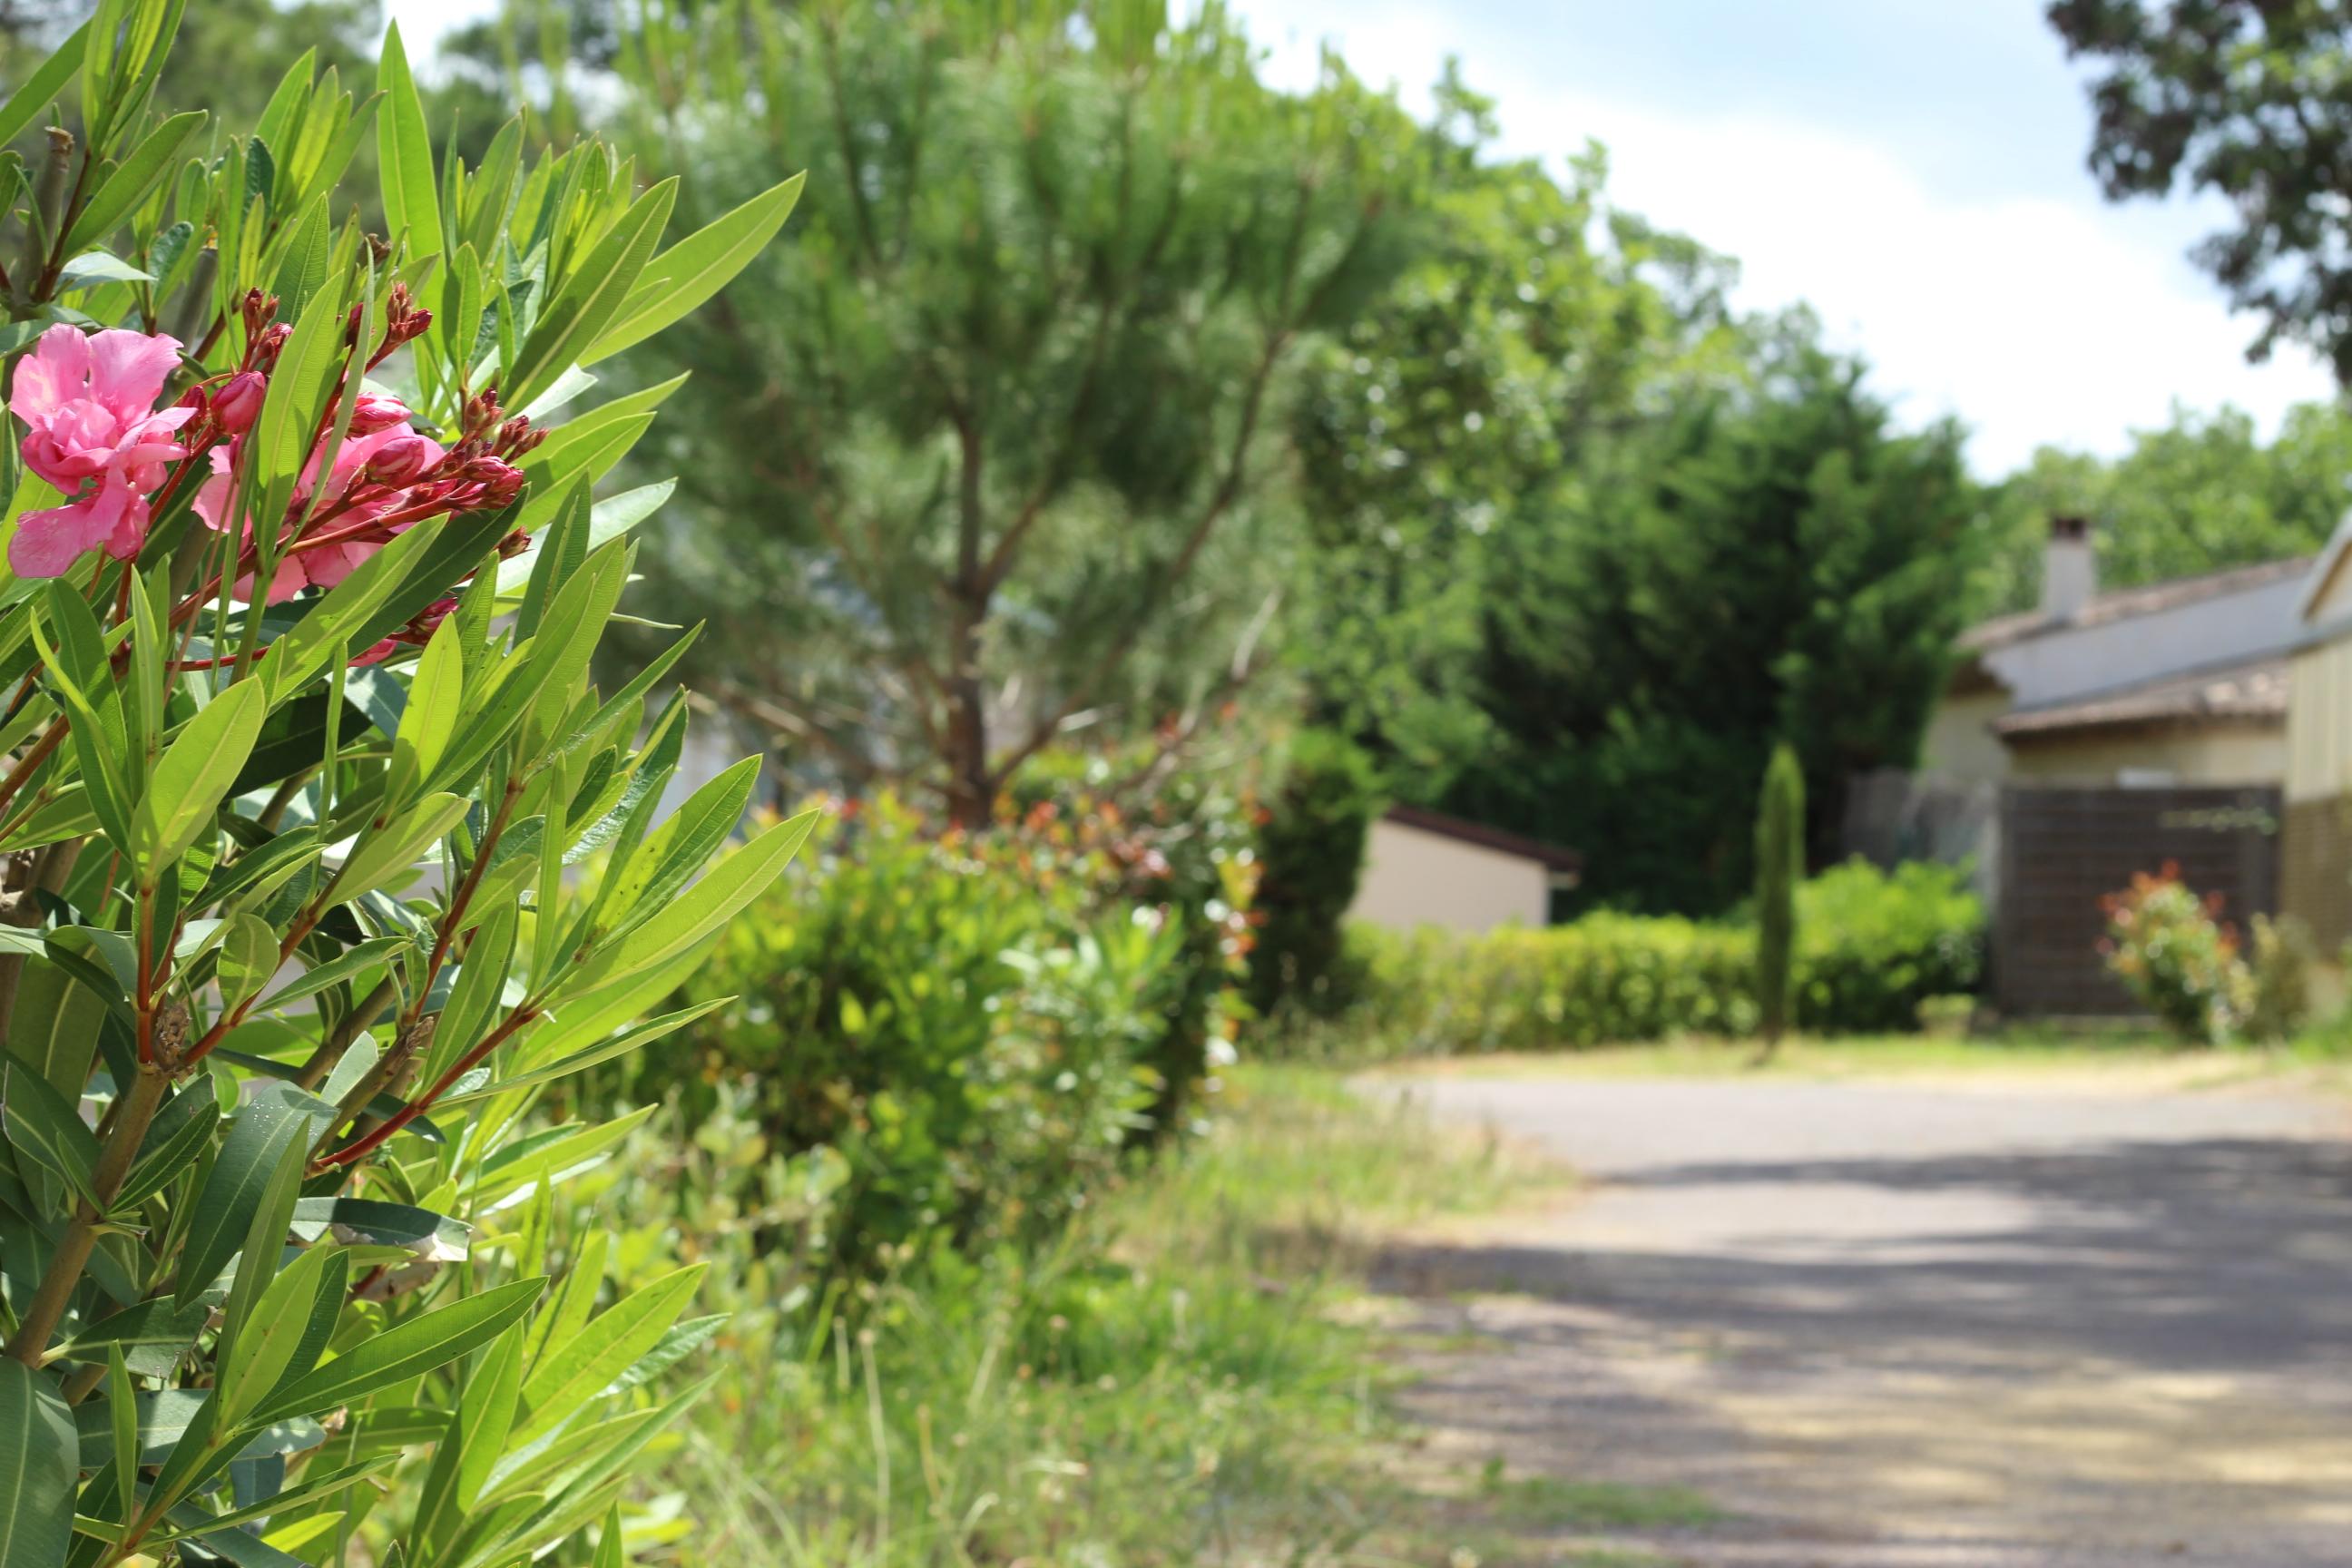 Familienurlaub in Südfrankreich - eine unfassbare Auszeit für die ganze Familie